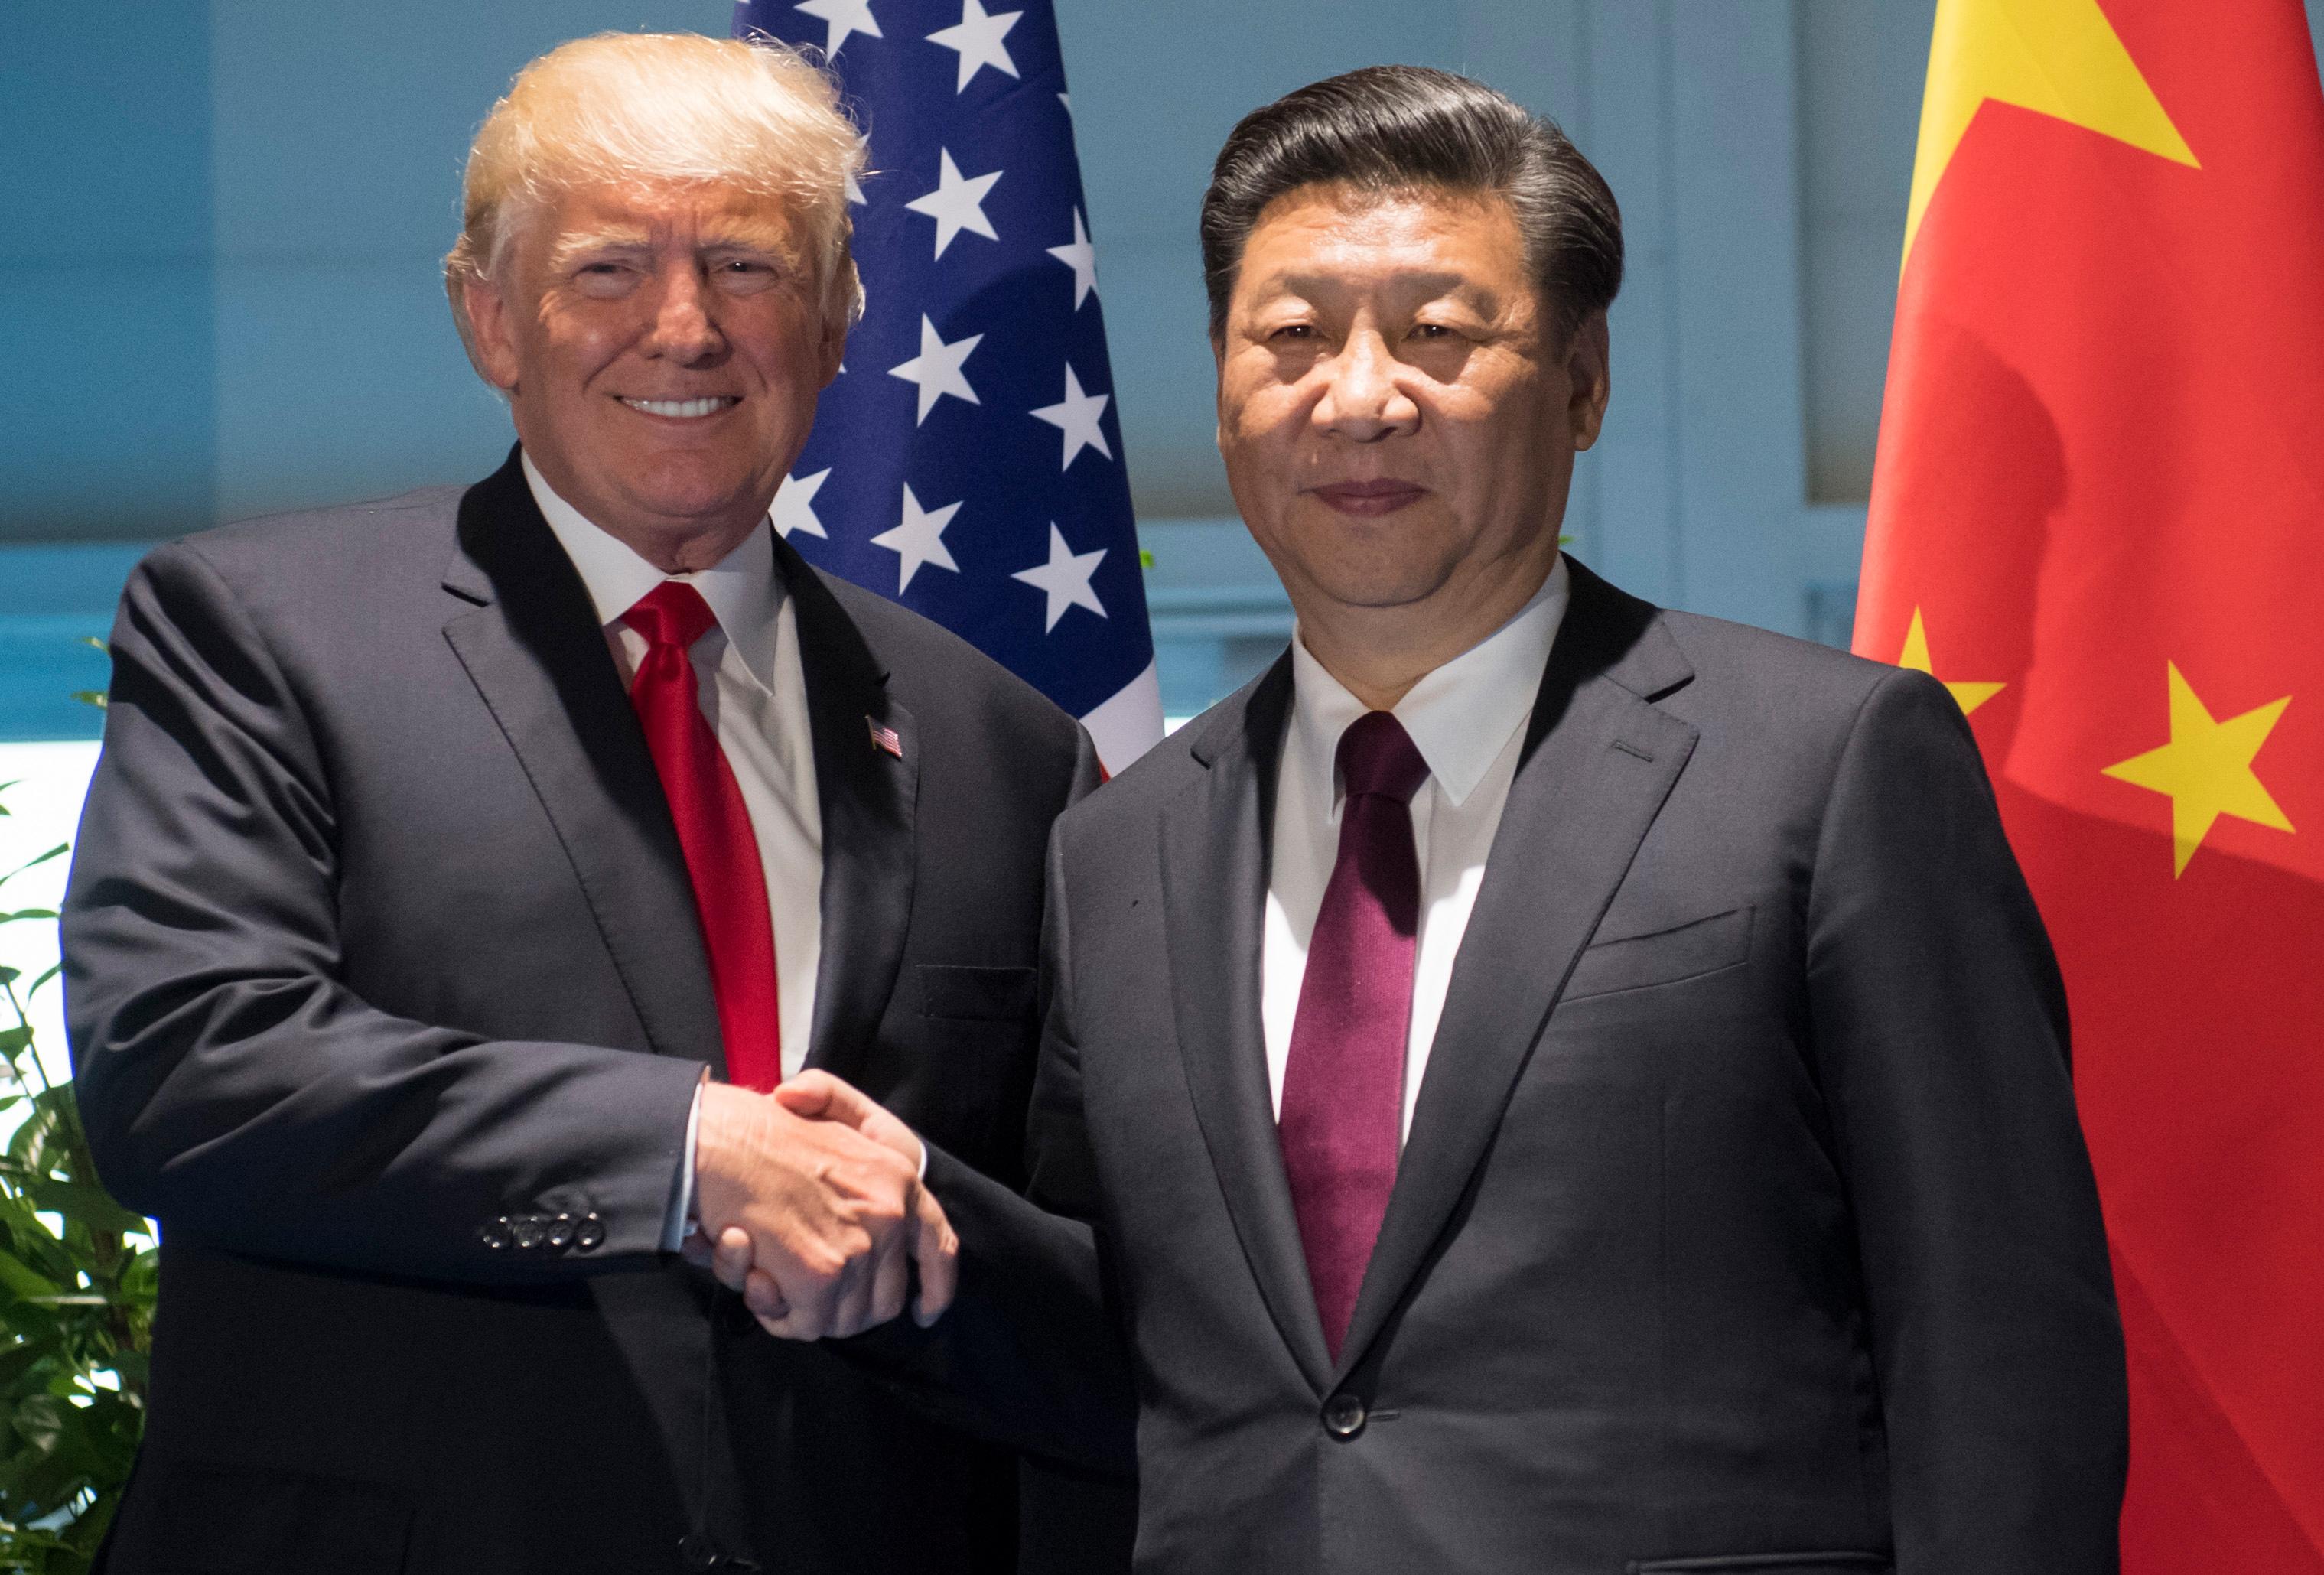 The big winner of the Trump-Kim summit? China.